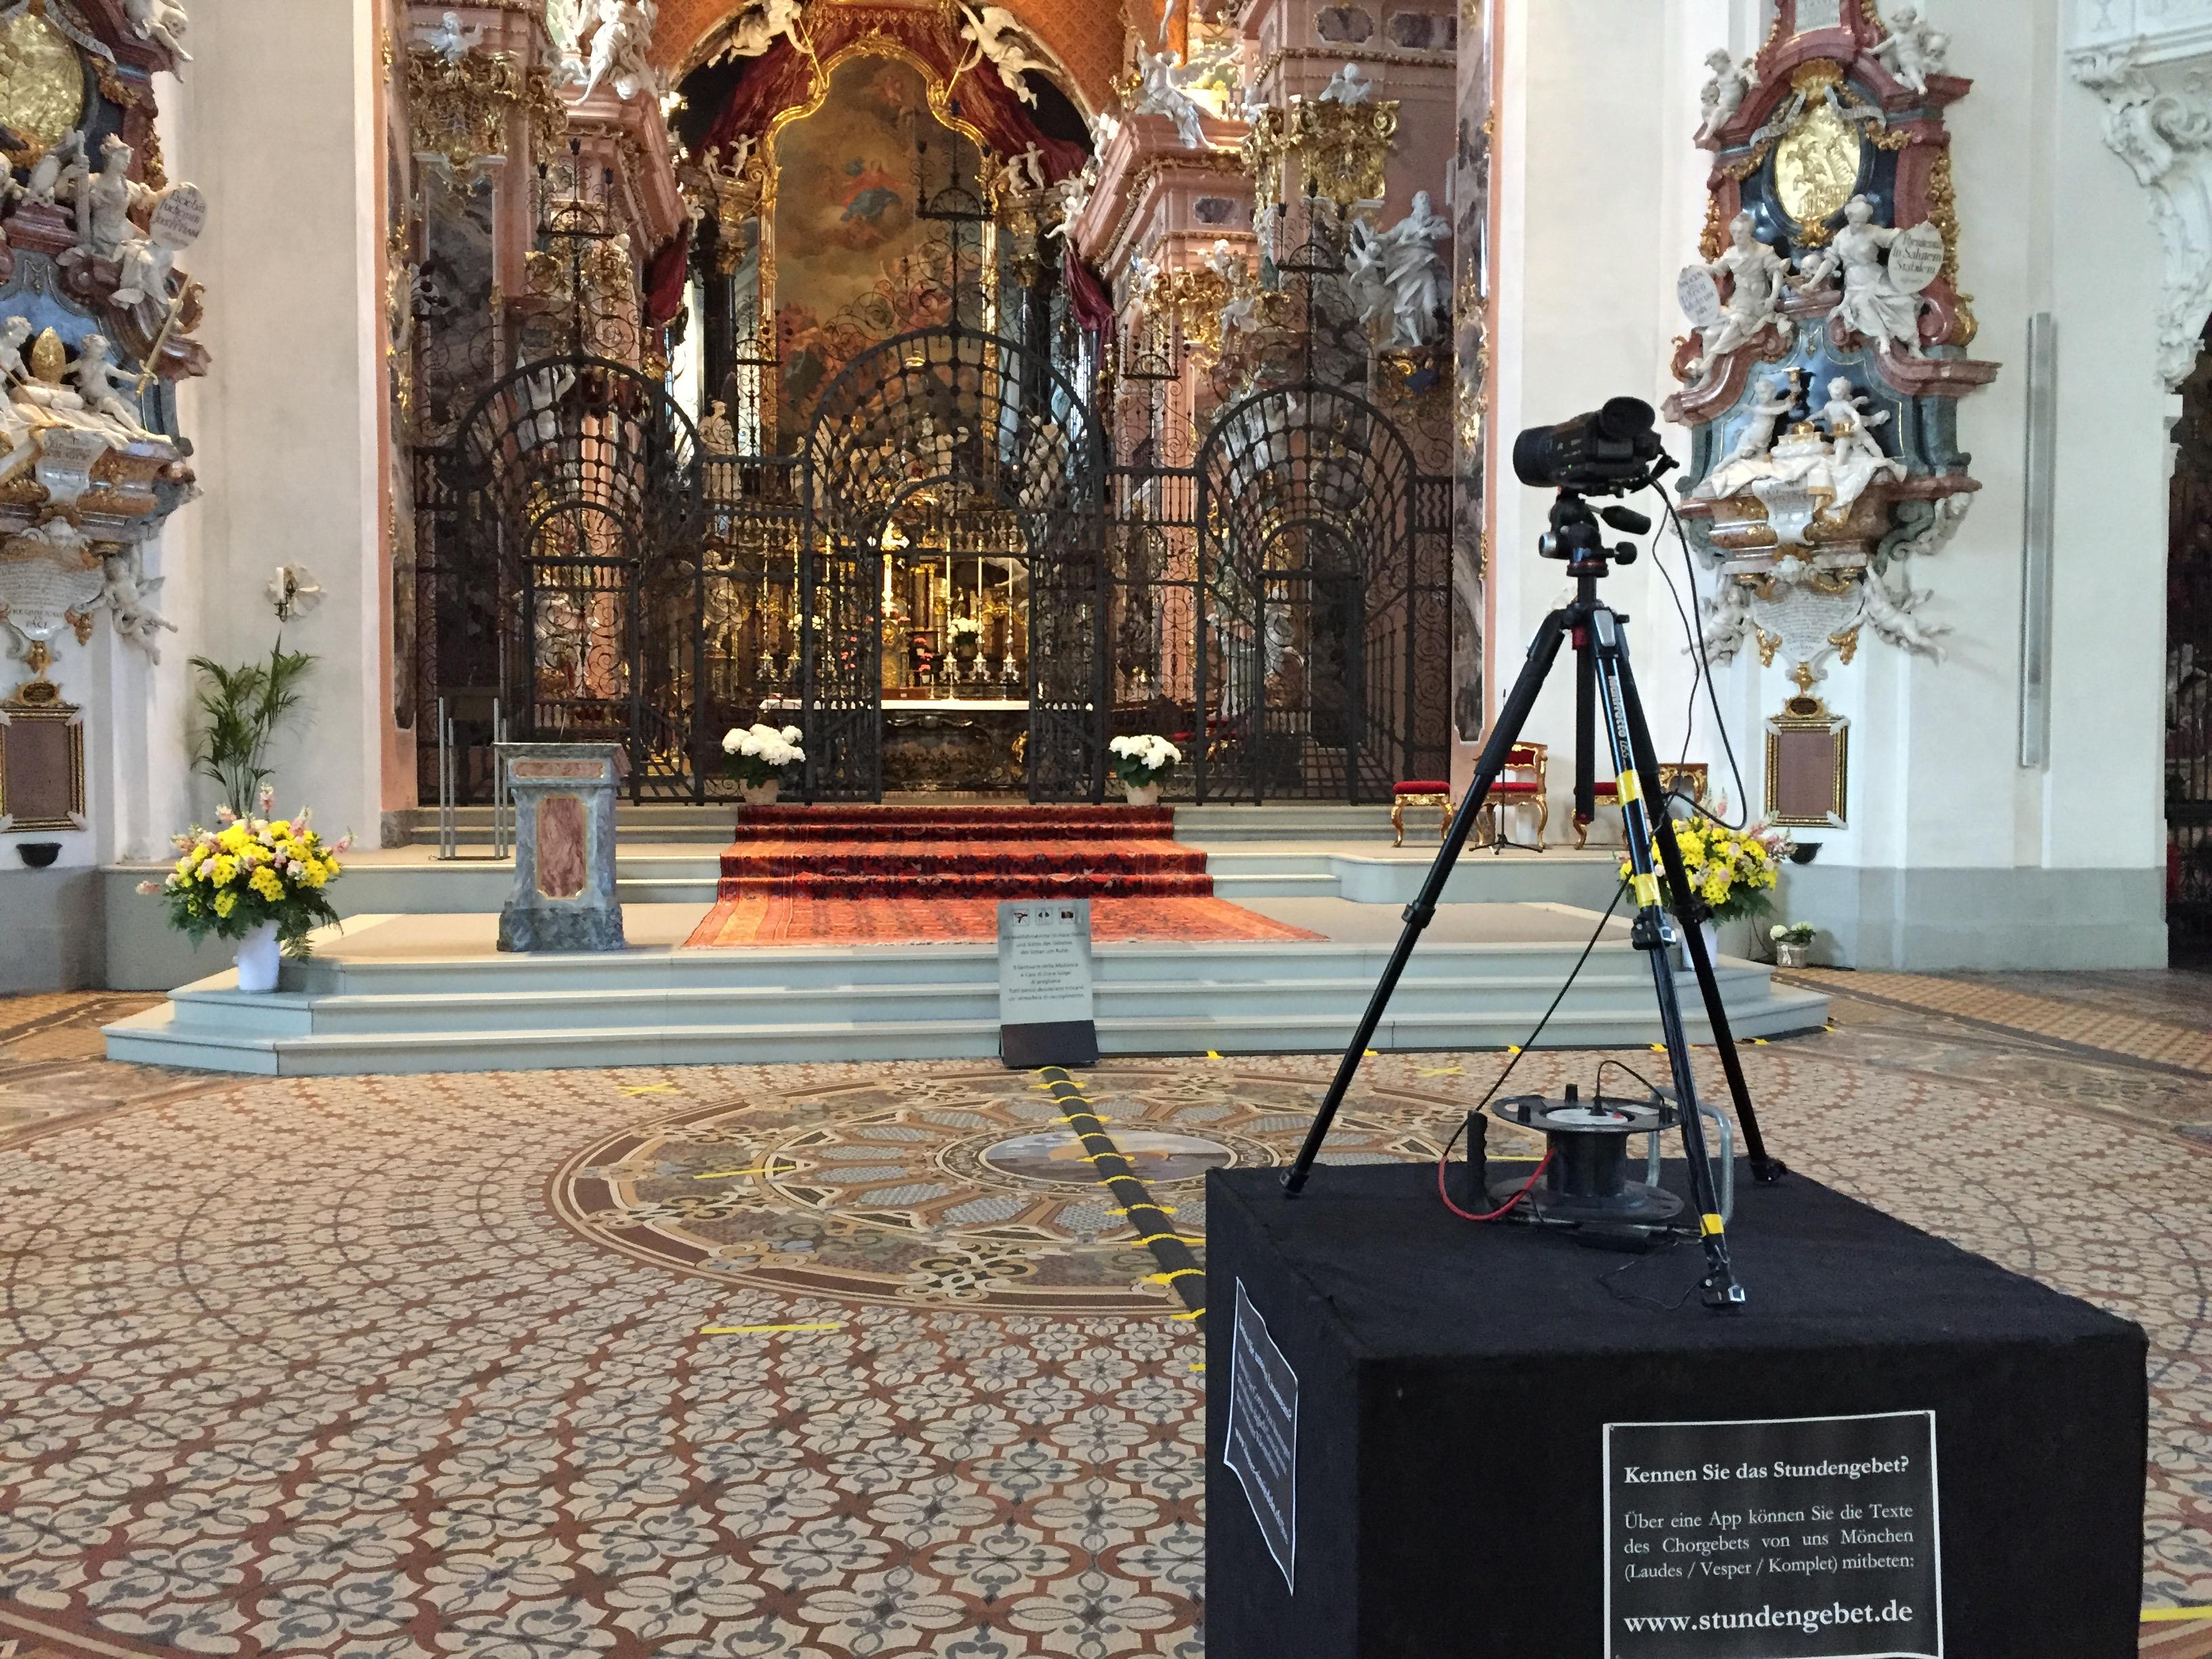 Zwar passen Kamera und Podium nicht gerade in unsere wunderschöne Klosterkirche, doch unser Livestream ermöglich für viele Menschen die Mitfeier unser Gottesdienste: ein Stück Einsiedeln zuhause! Ab 23. Juli wird dies wieder möglich sein!